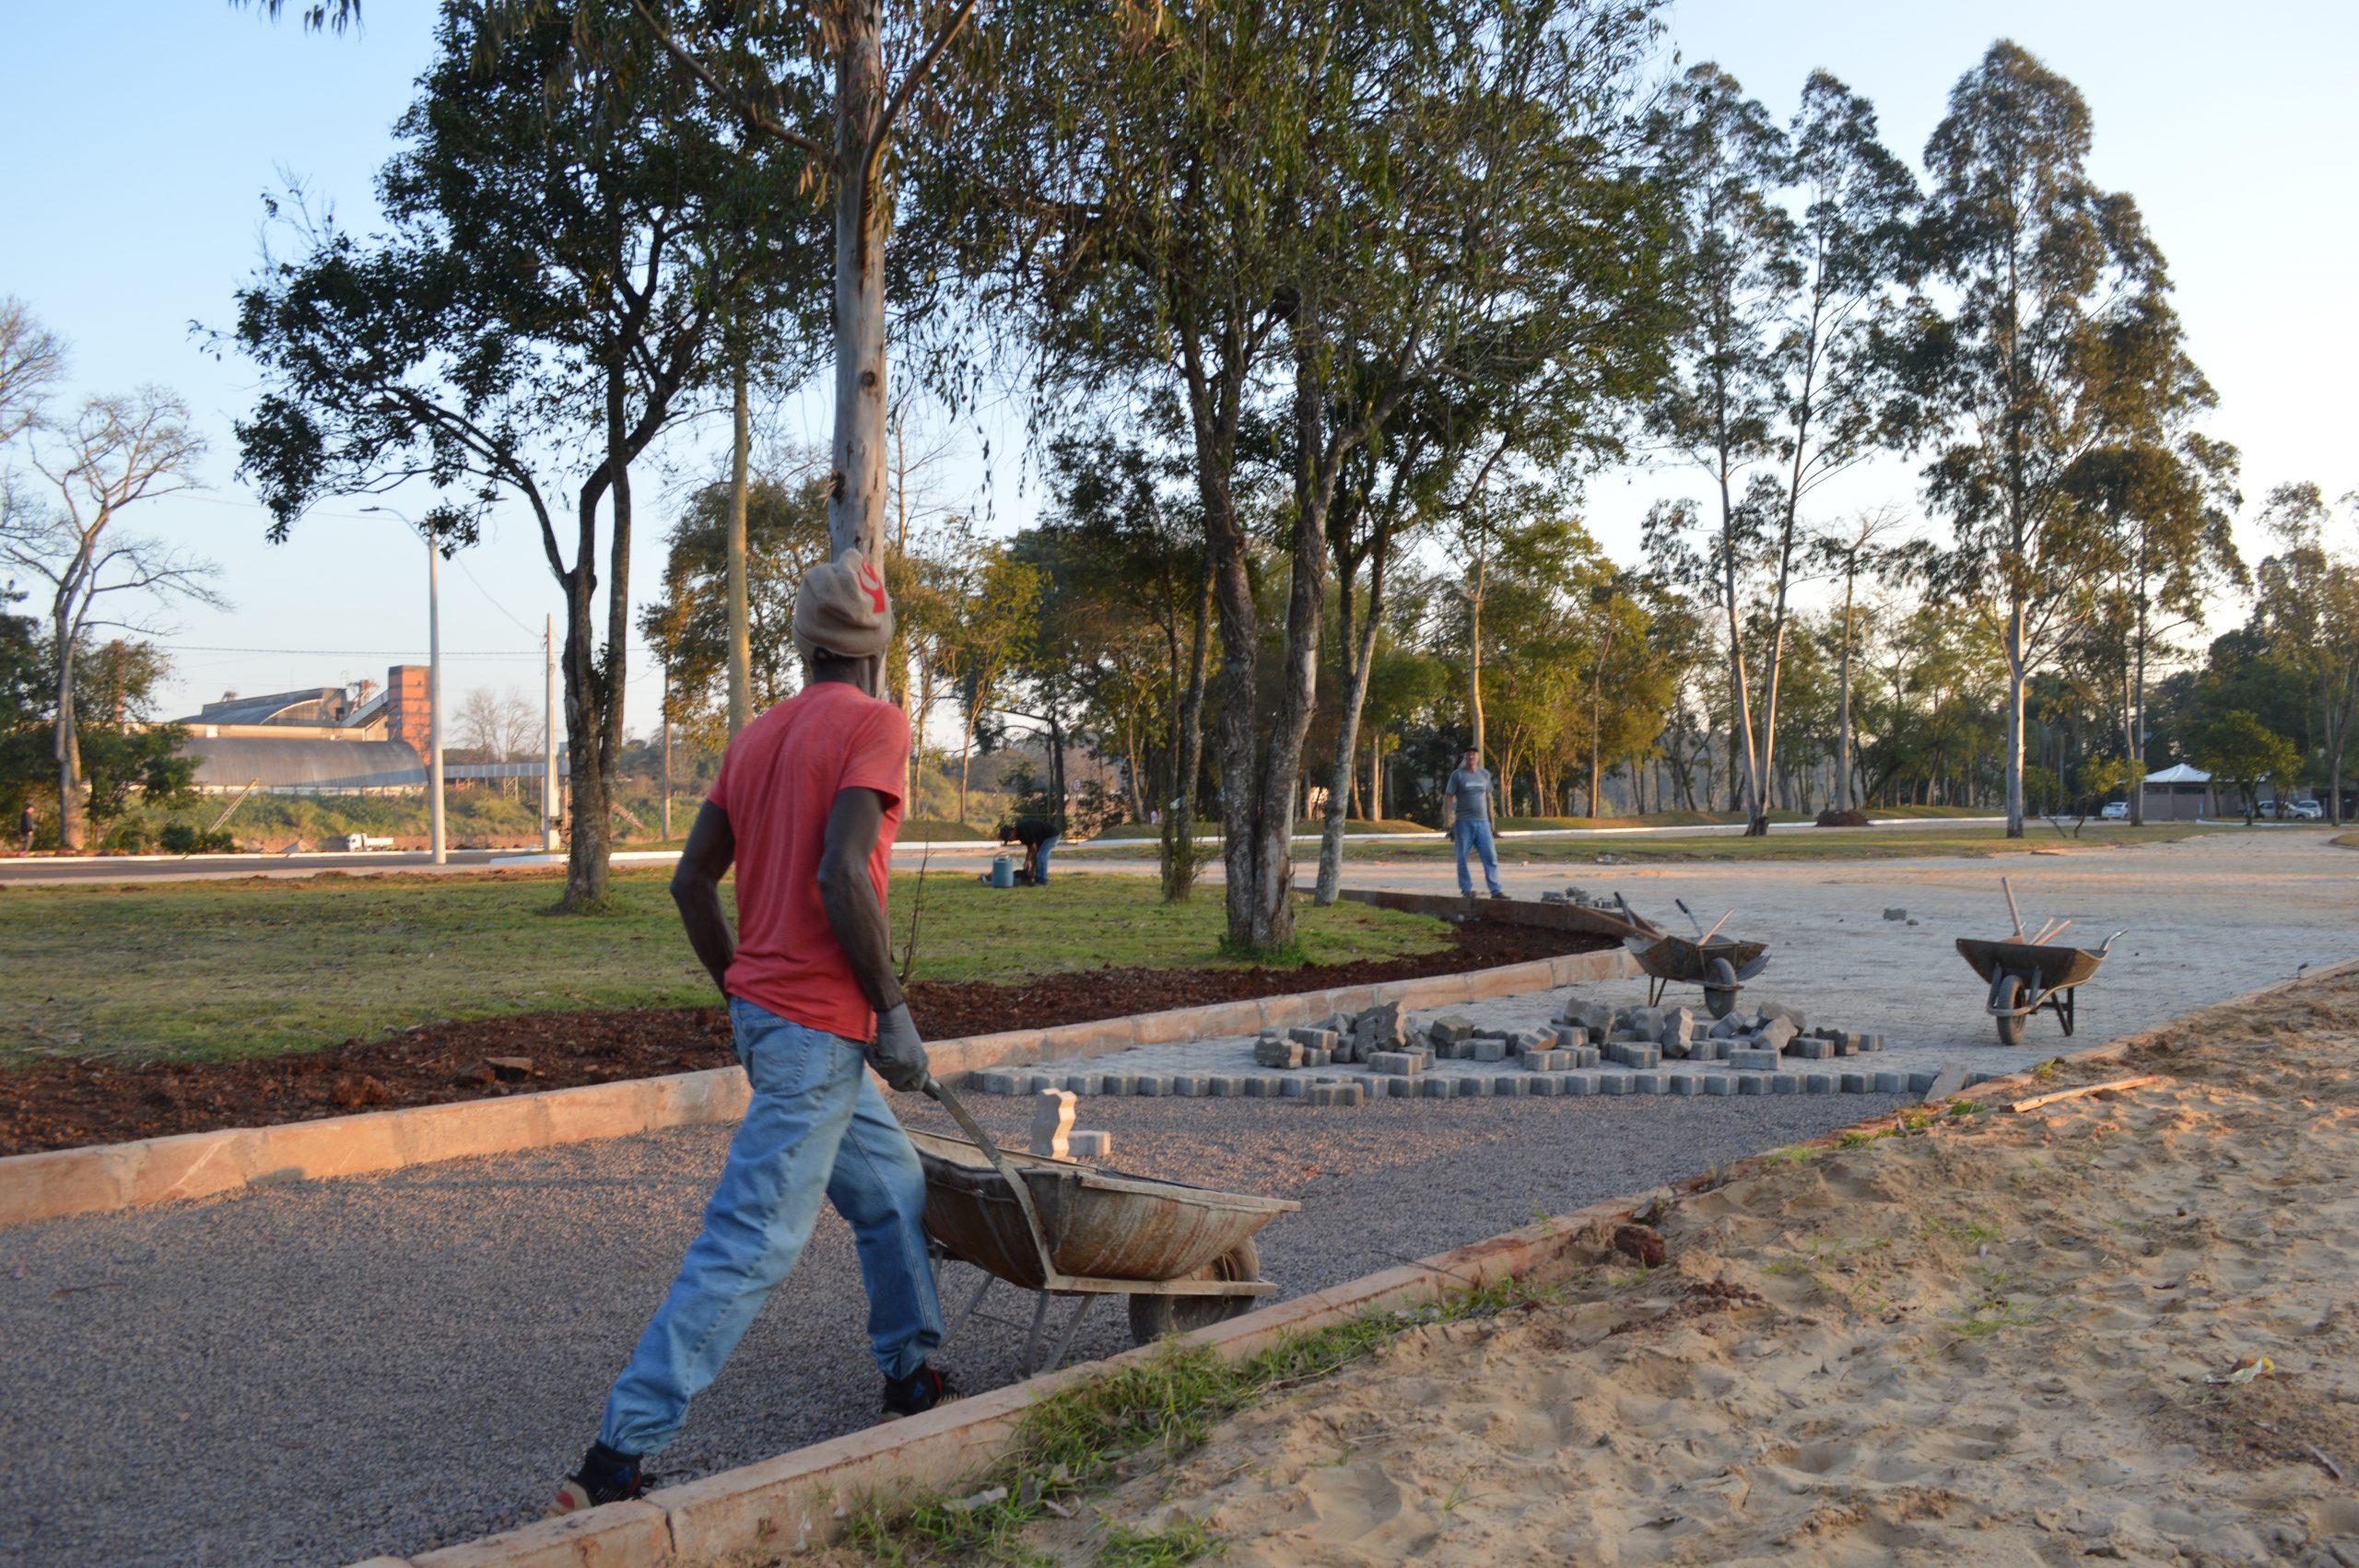 Construção de novo parque exige adaptação no trânsito